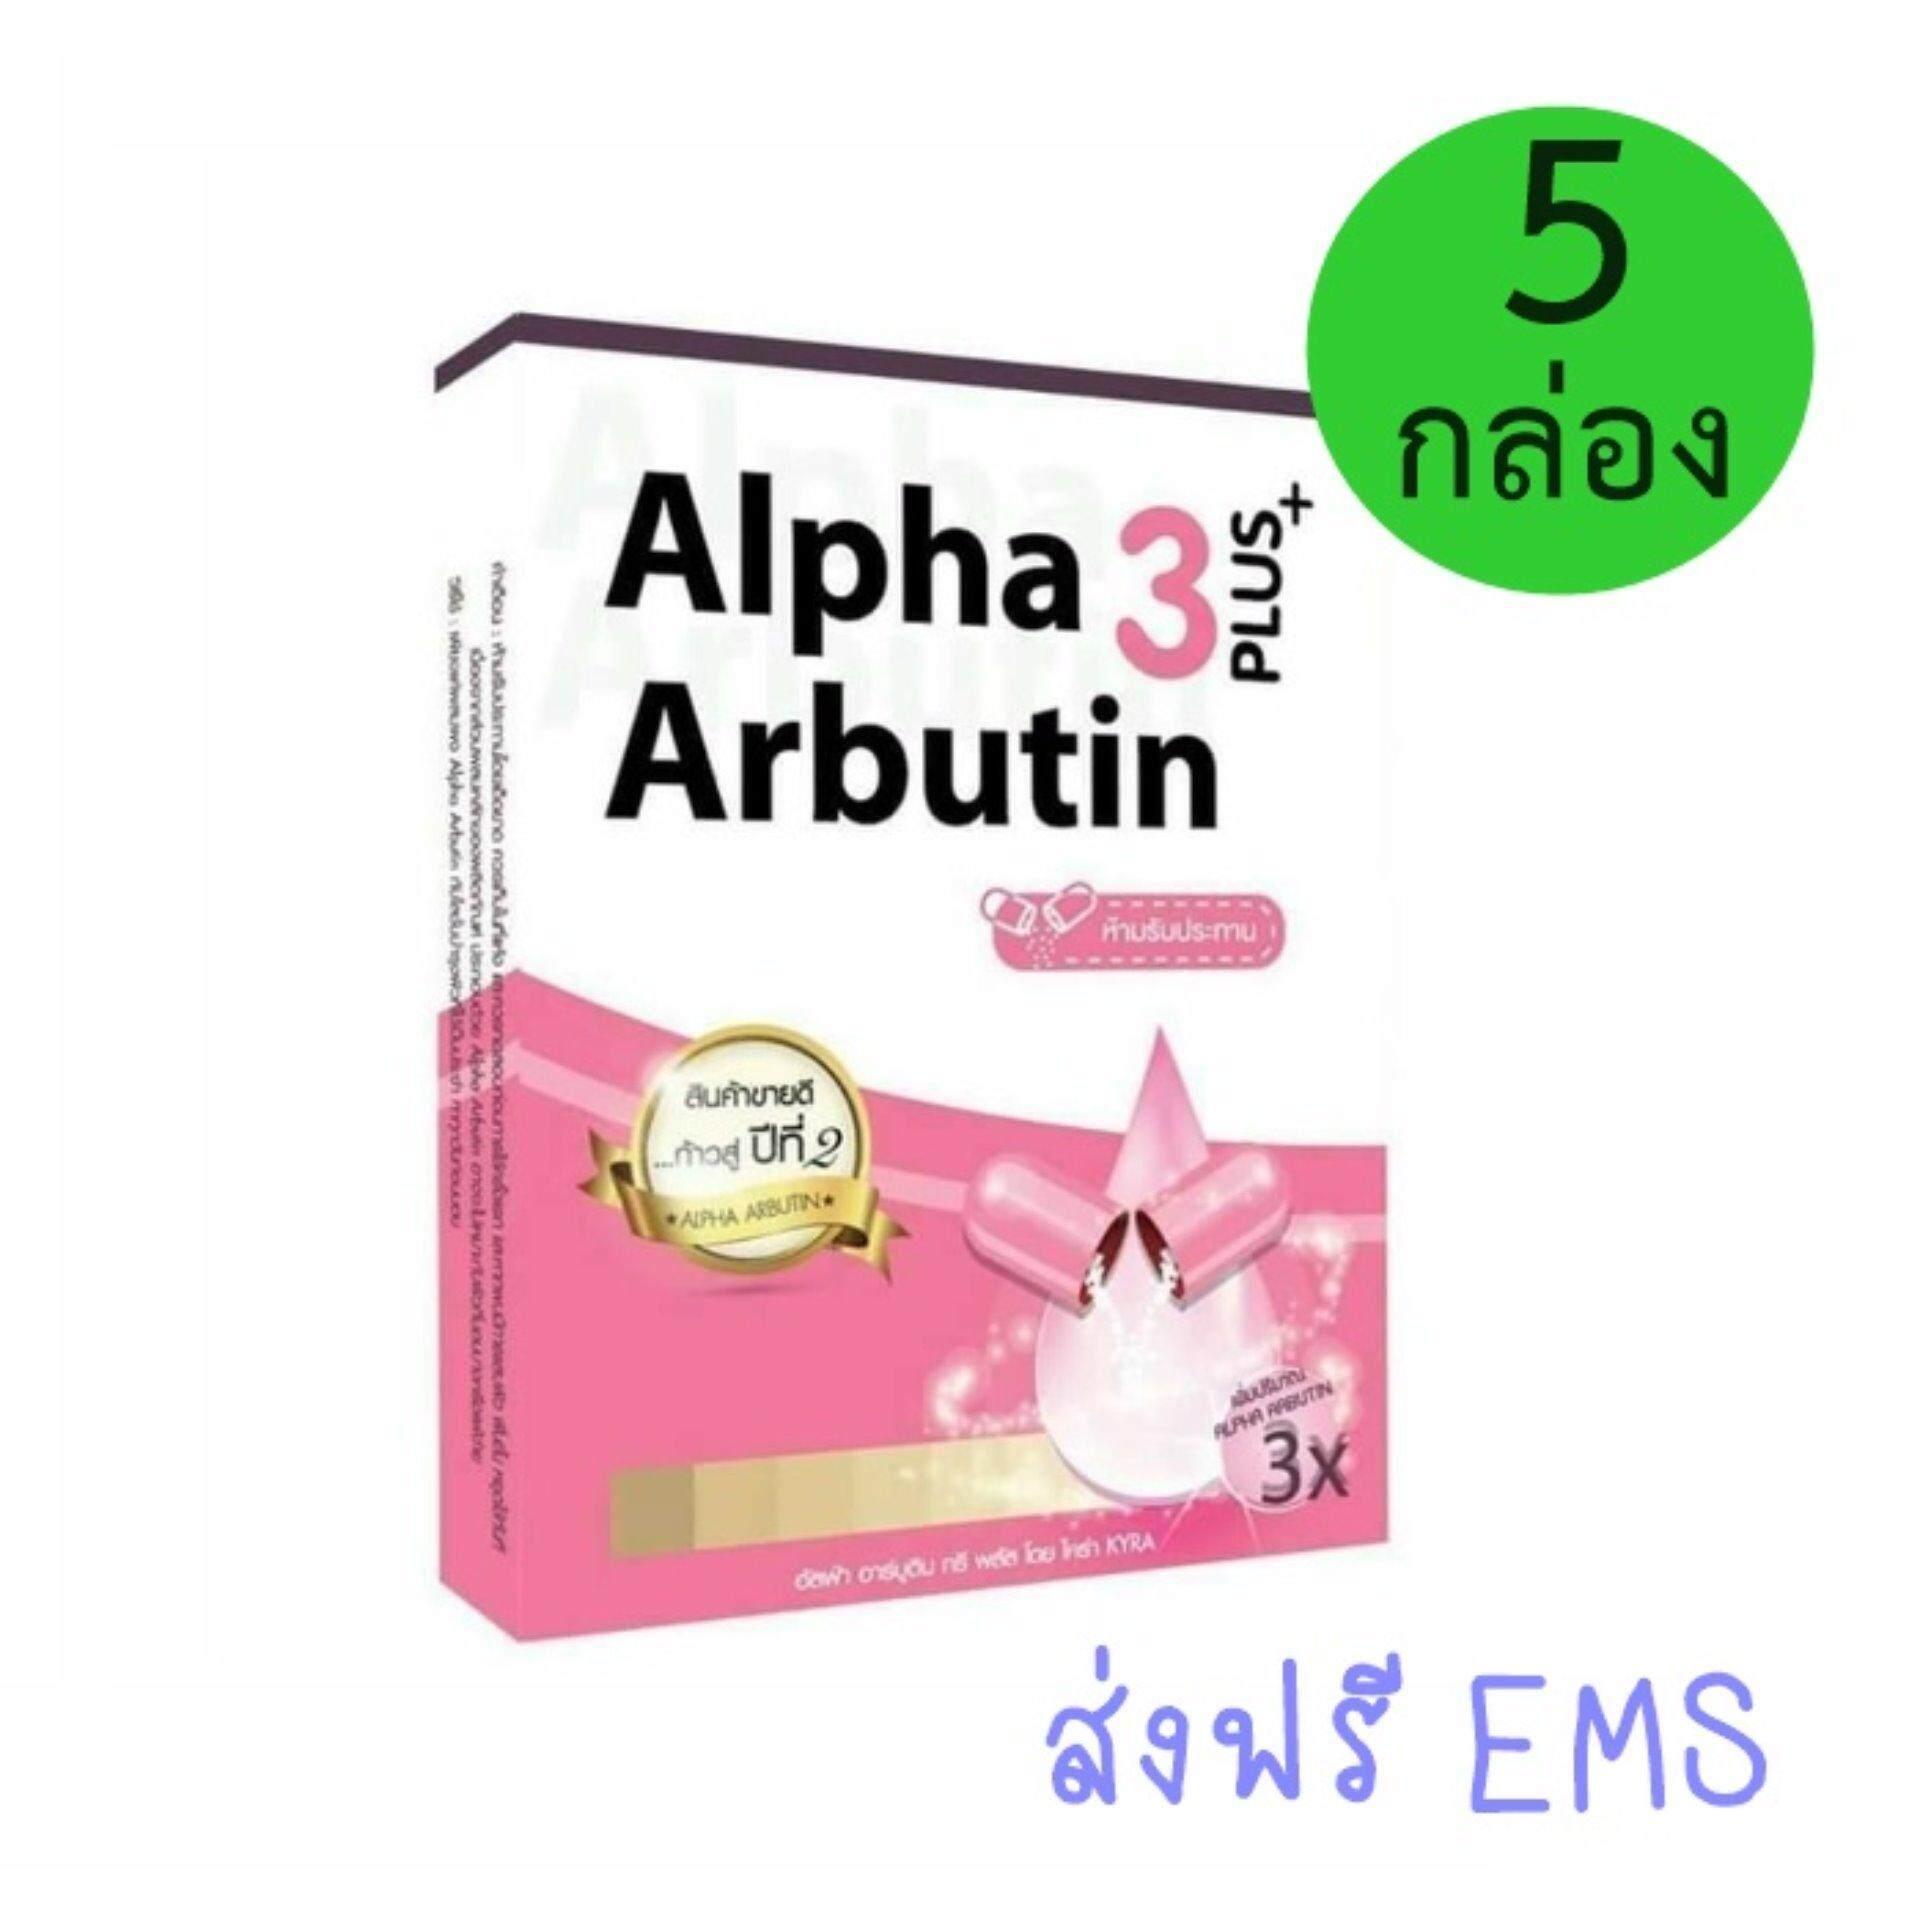 (5 กล่อง) Alpha Arbutin 3 Plus ผงเผือก สูตรใหม่ เพิ่มอัลฟ่า อาร์บูติน 3 เท่า (1 กล่องx 10 แคปซูล).